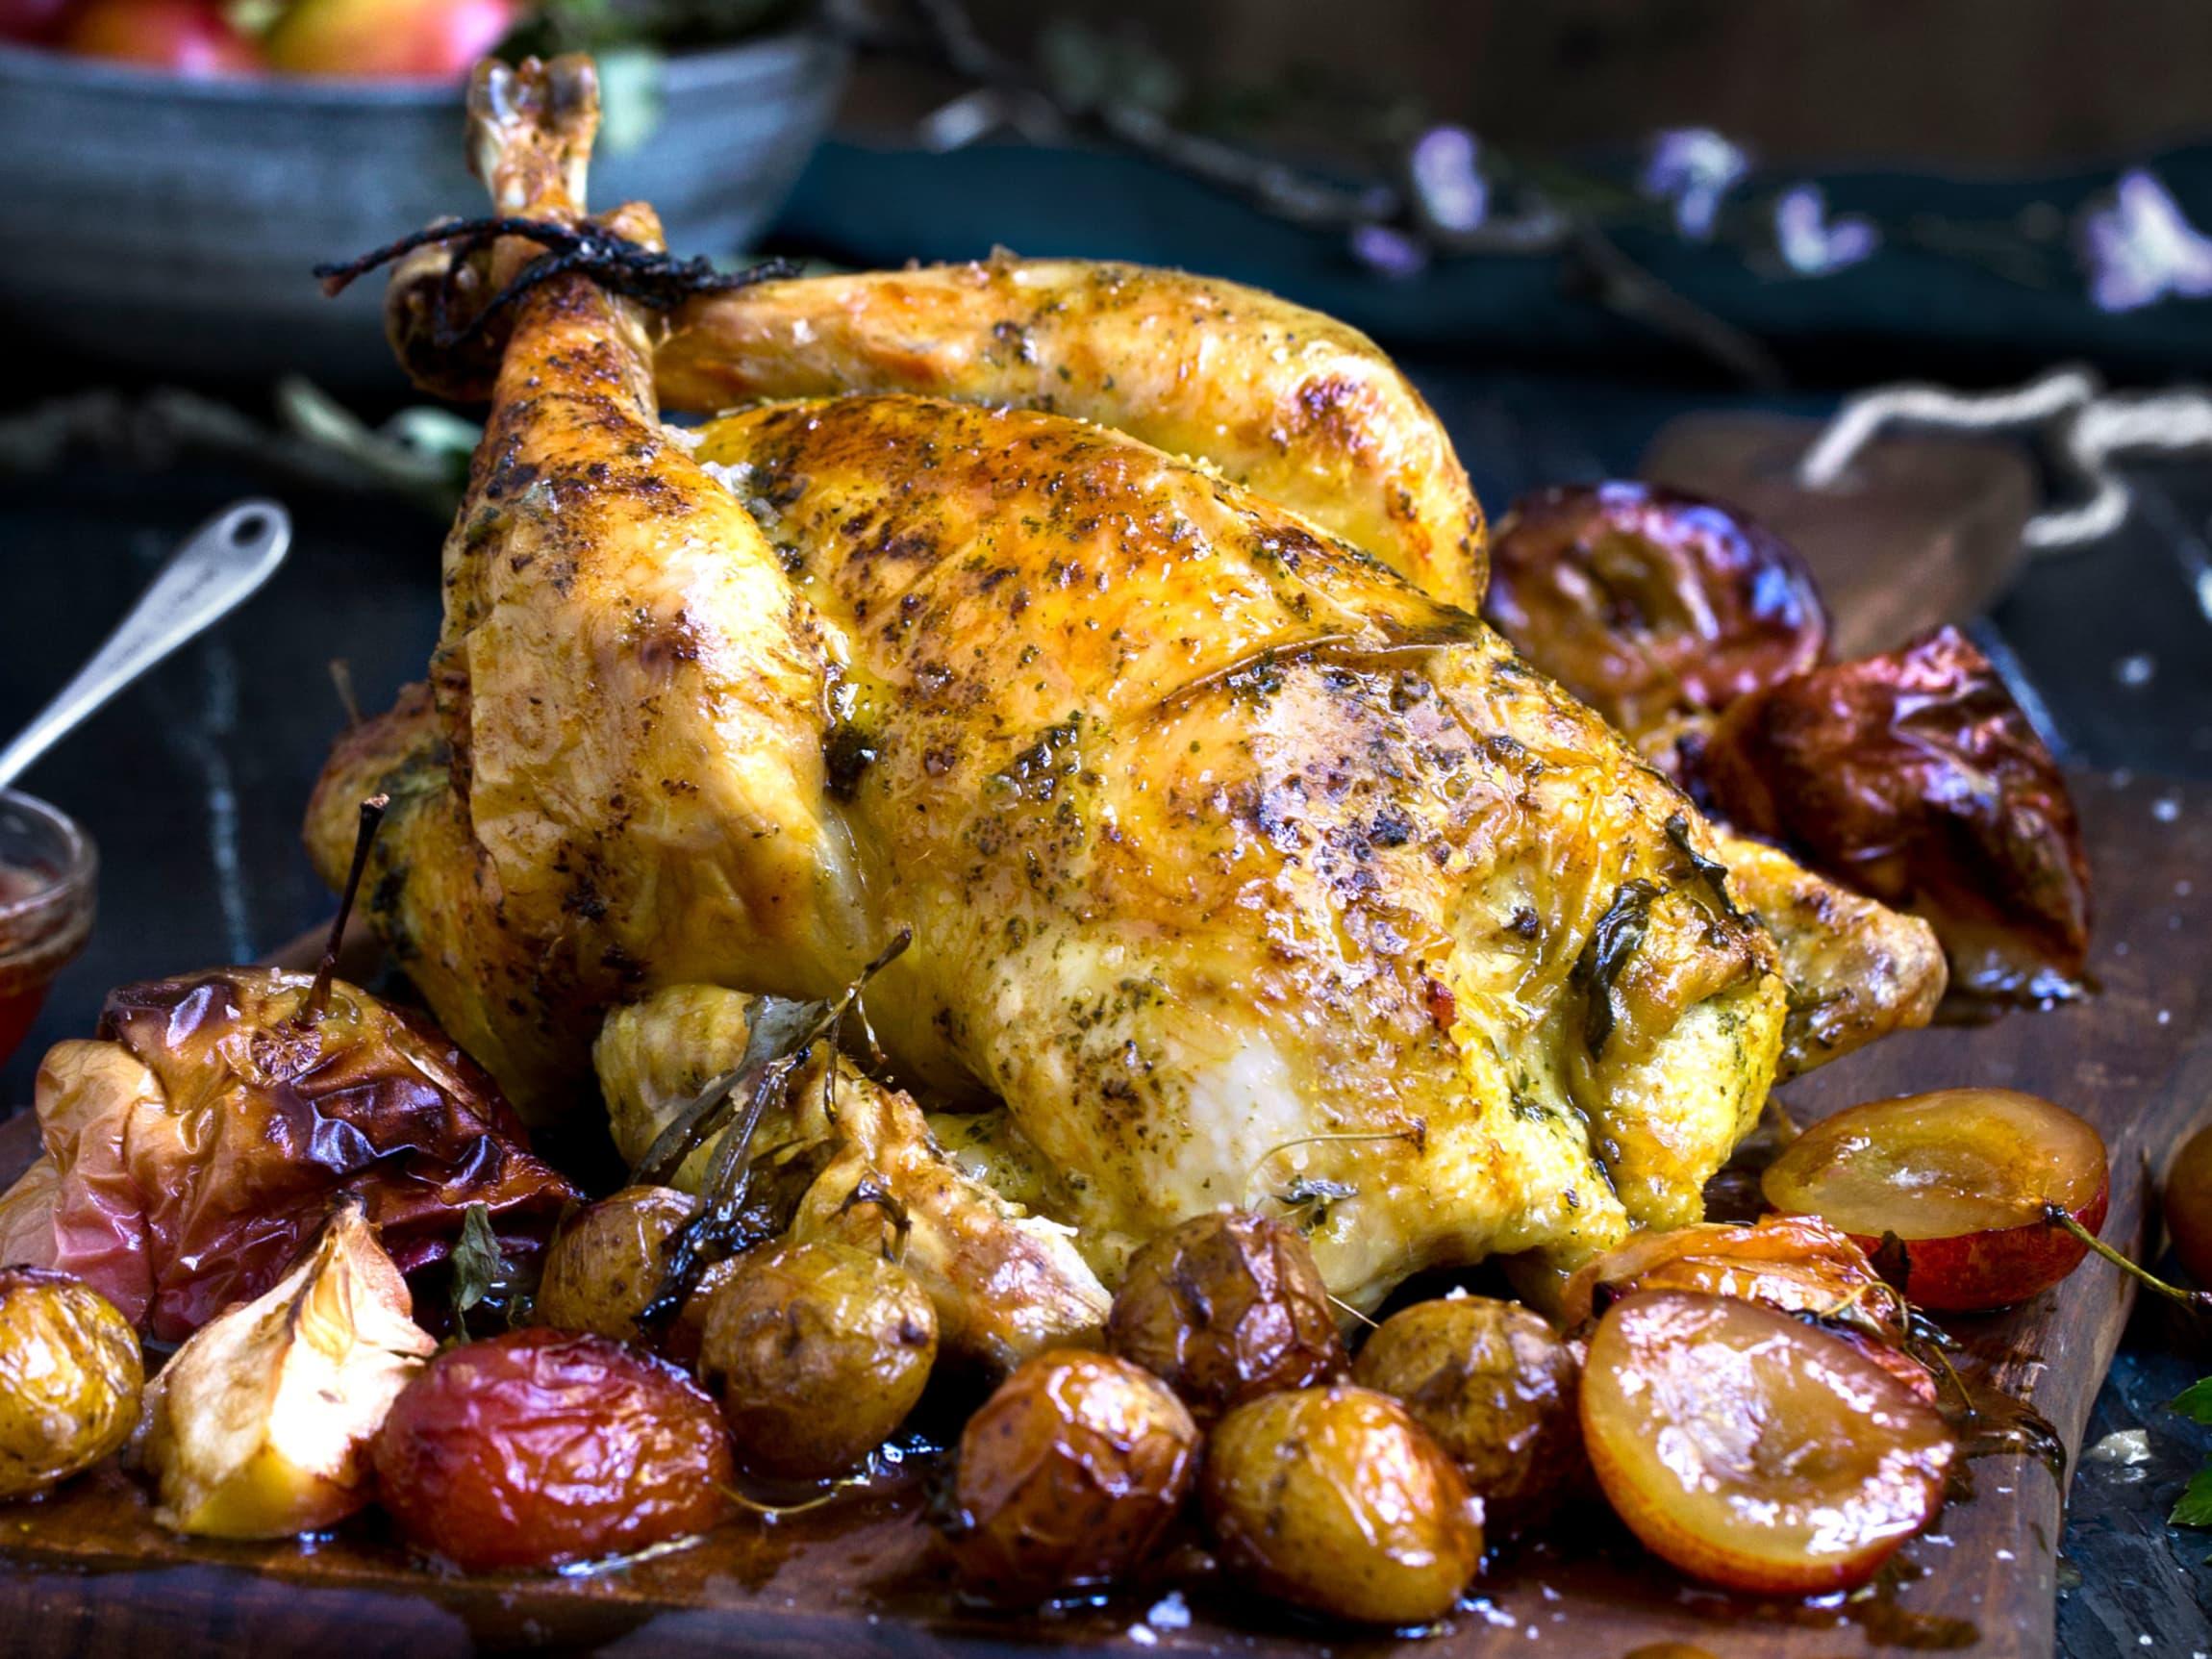 Vil du diske opp med en fantastisk middag, anbefaler Patrick helstekt kylling med urtesmør, stekte plommer og eplesirup.